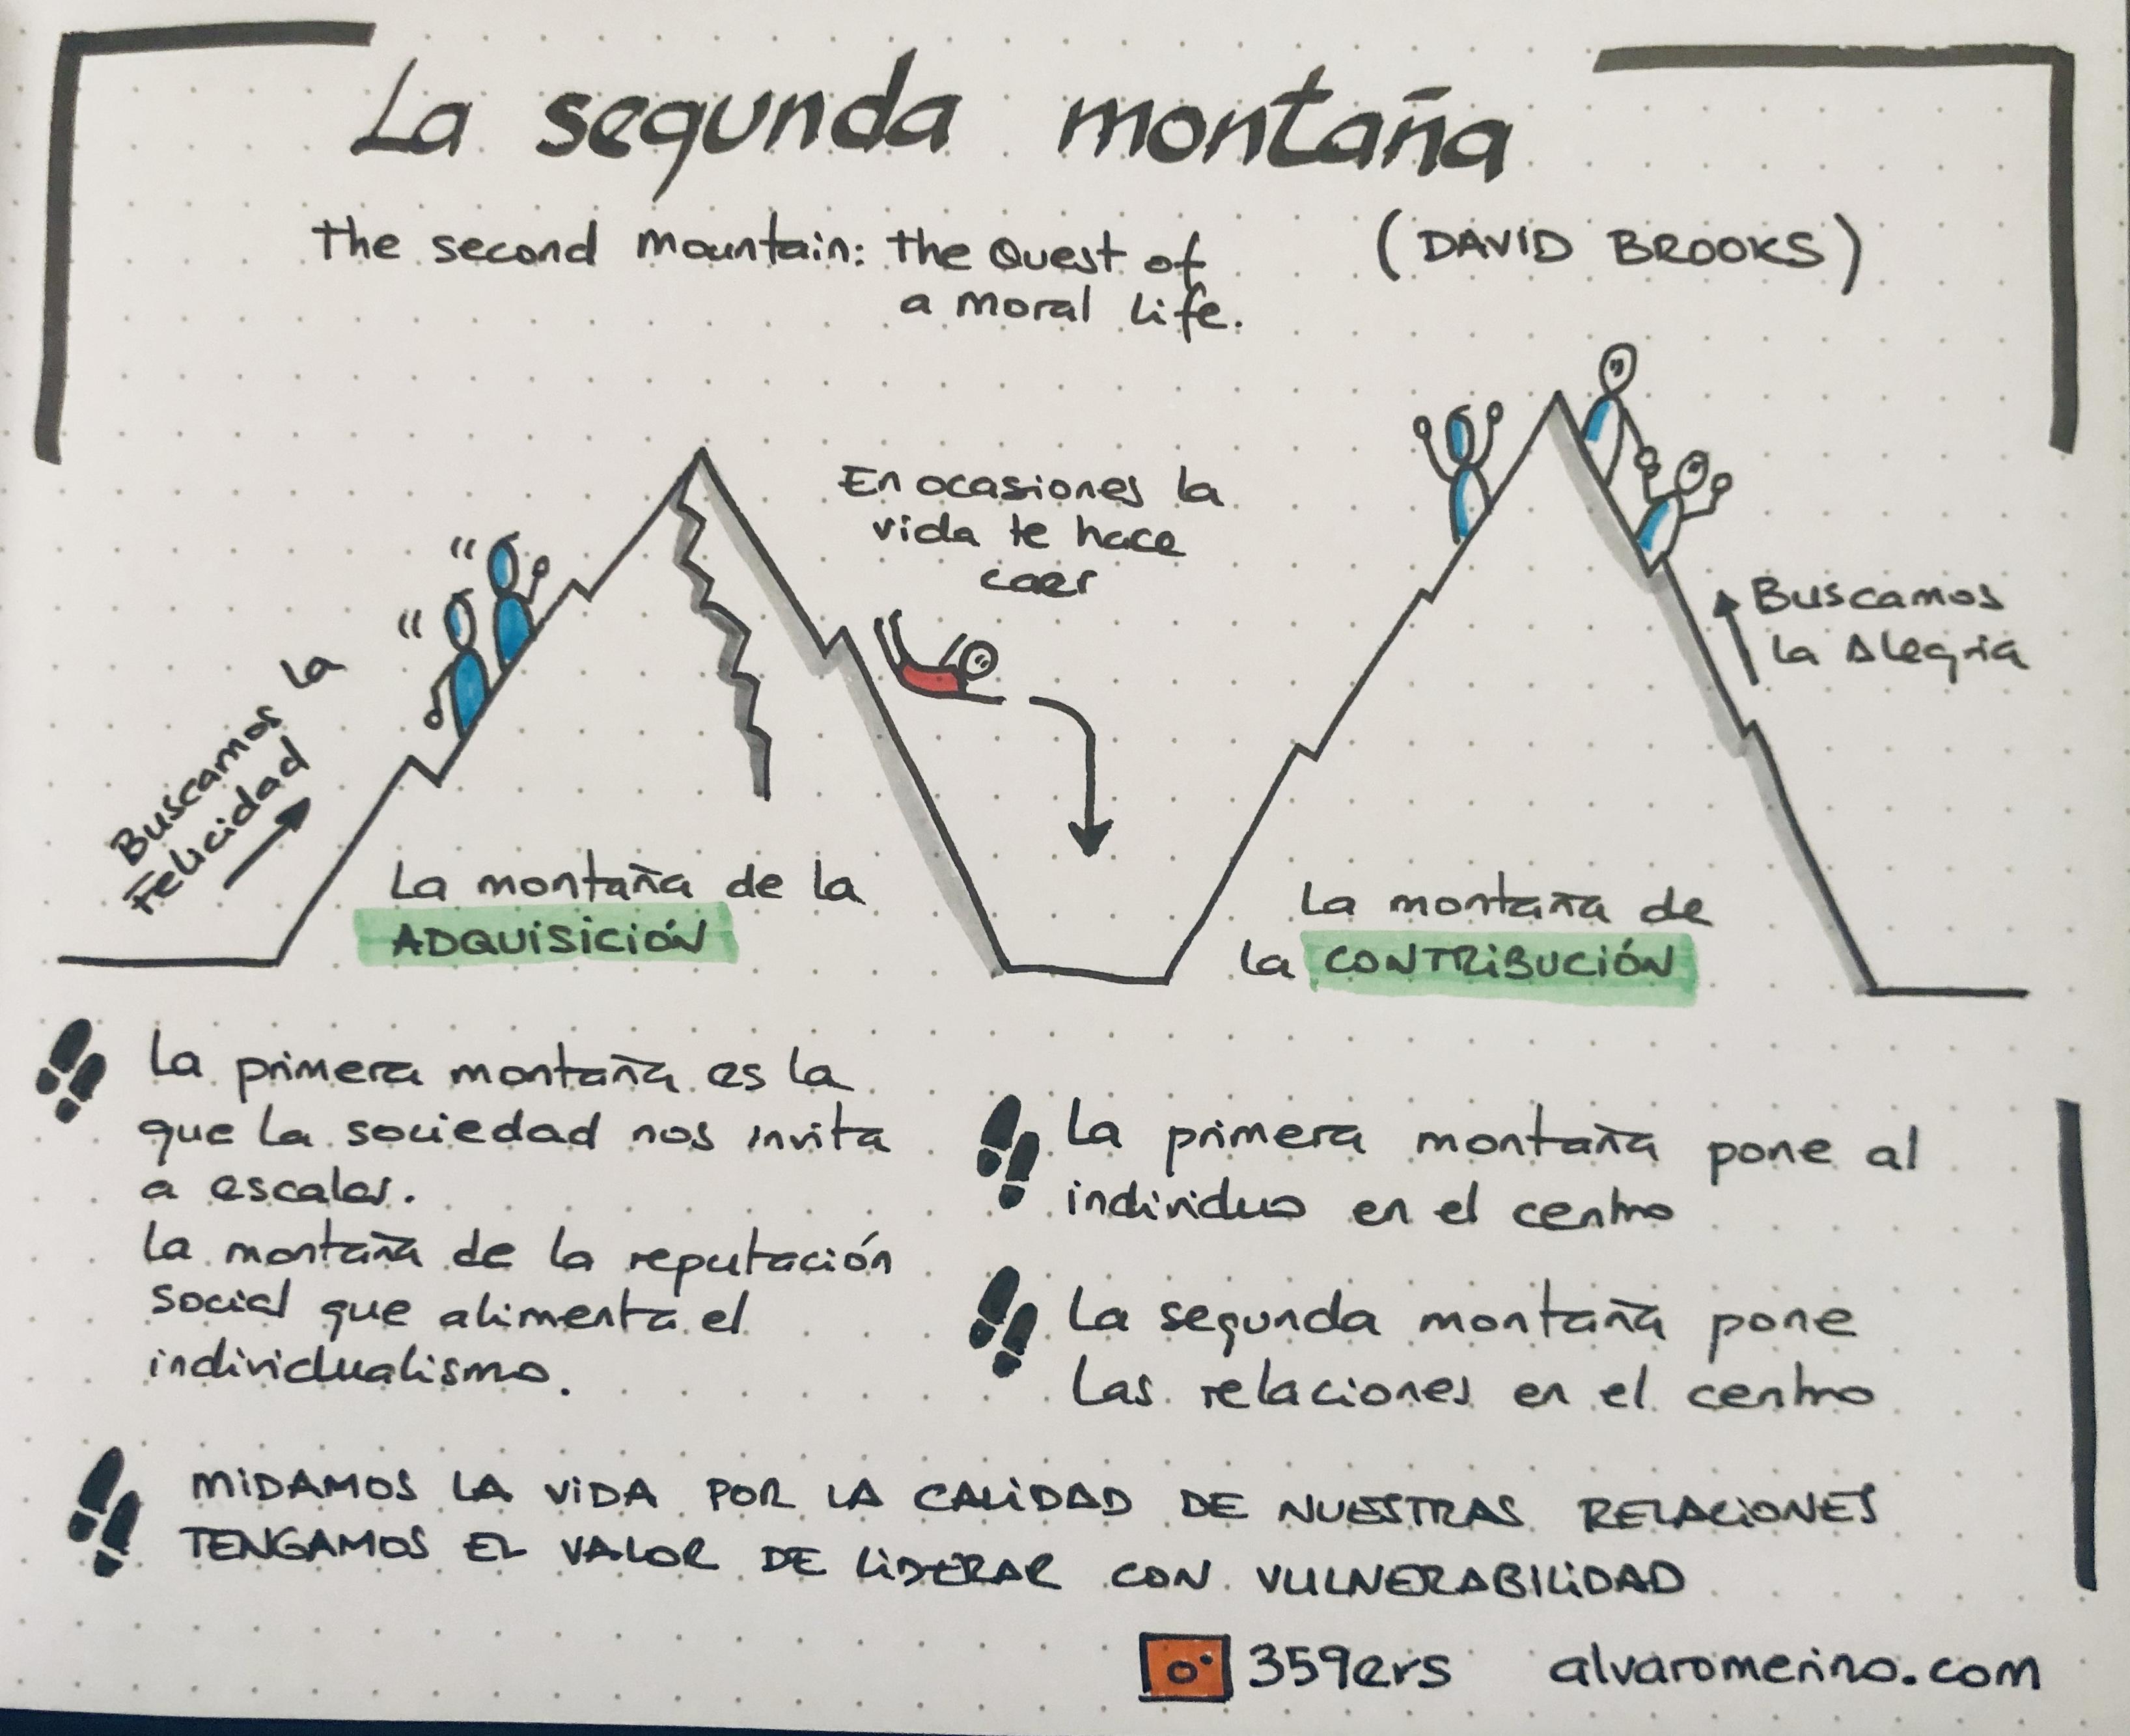 La segunda montaña